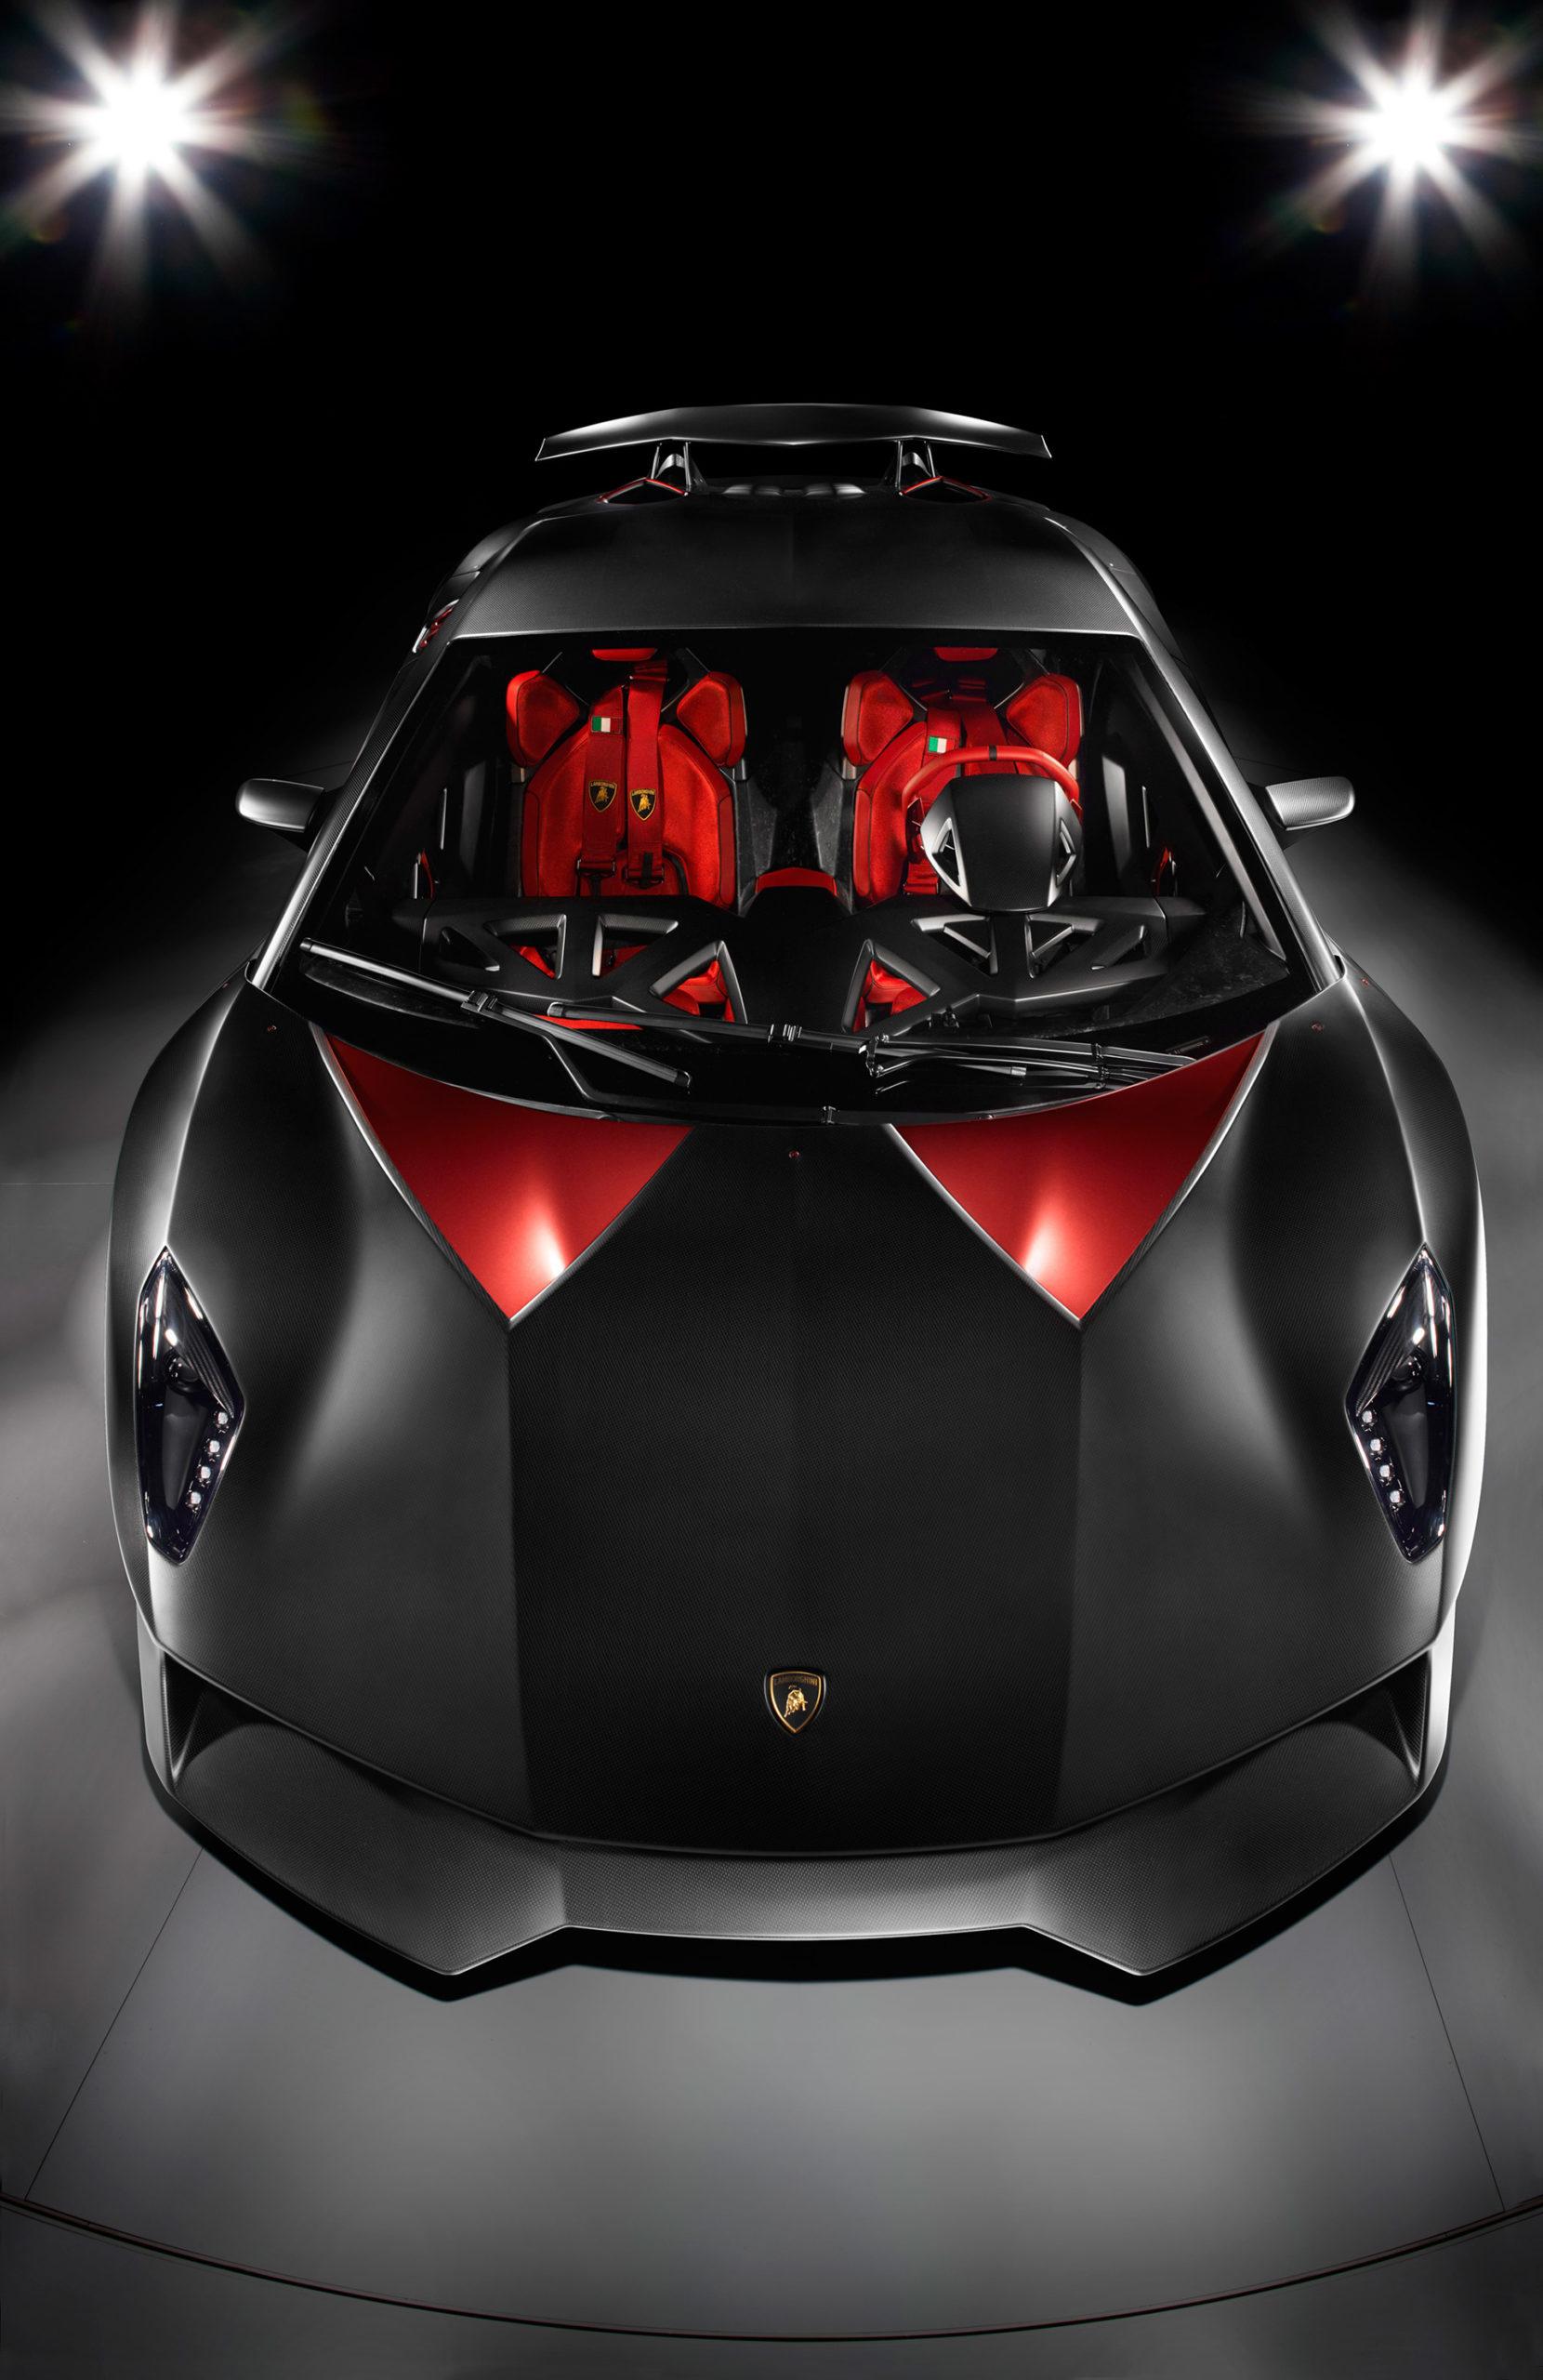 Lamborghini Sesto Elemento Concept by William Crozes